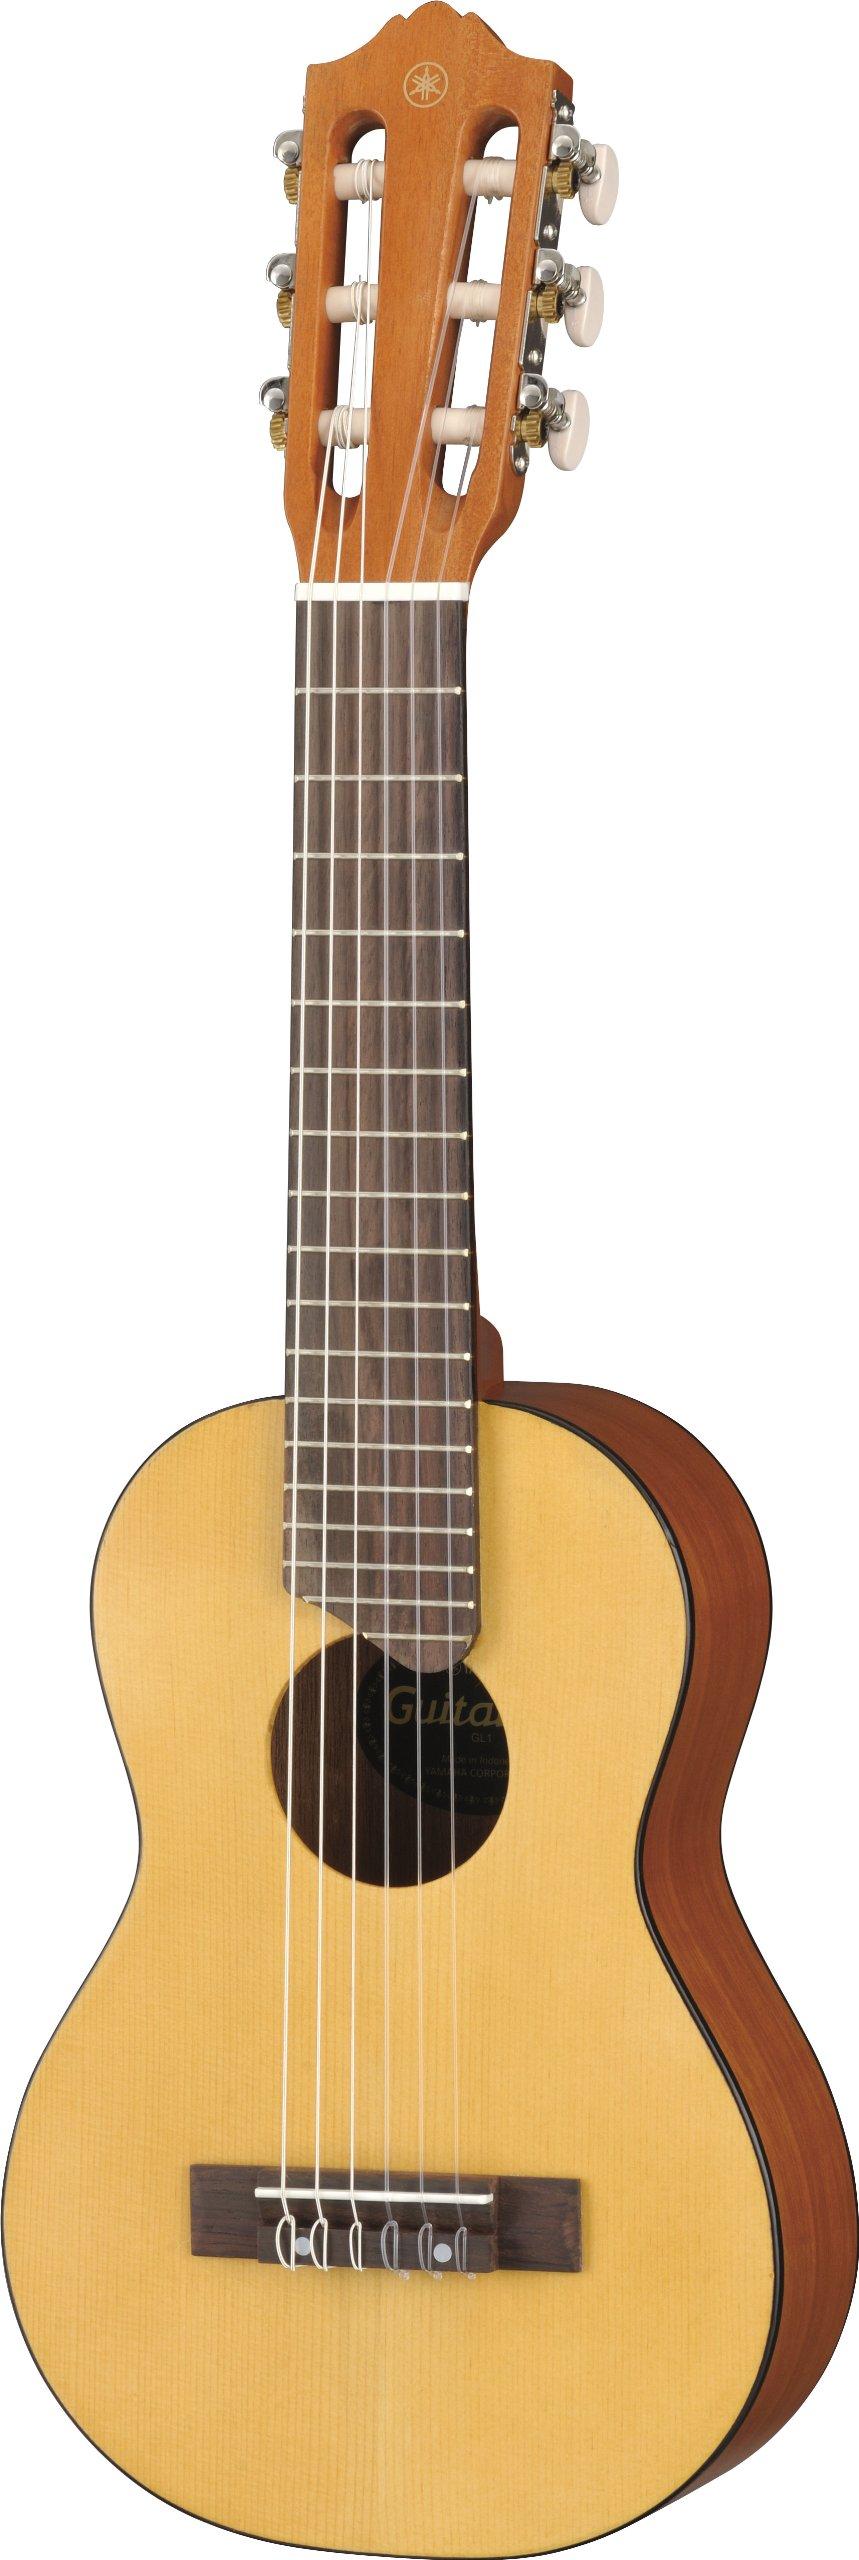 Yamaha GL1 Guitalele - Mini guitarra de madera con las dimensiones de un Ukelele, escala de 17 pulgadas, guitarra pequeña con funda incluida, 6 cuerdas de nylon, color natural product image